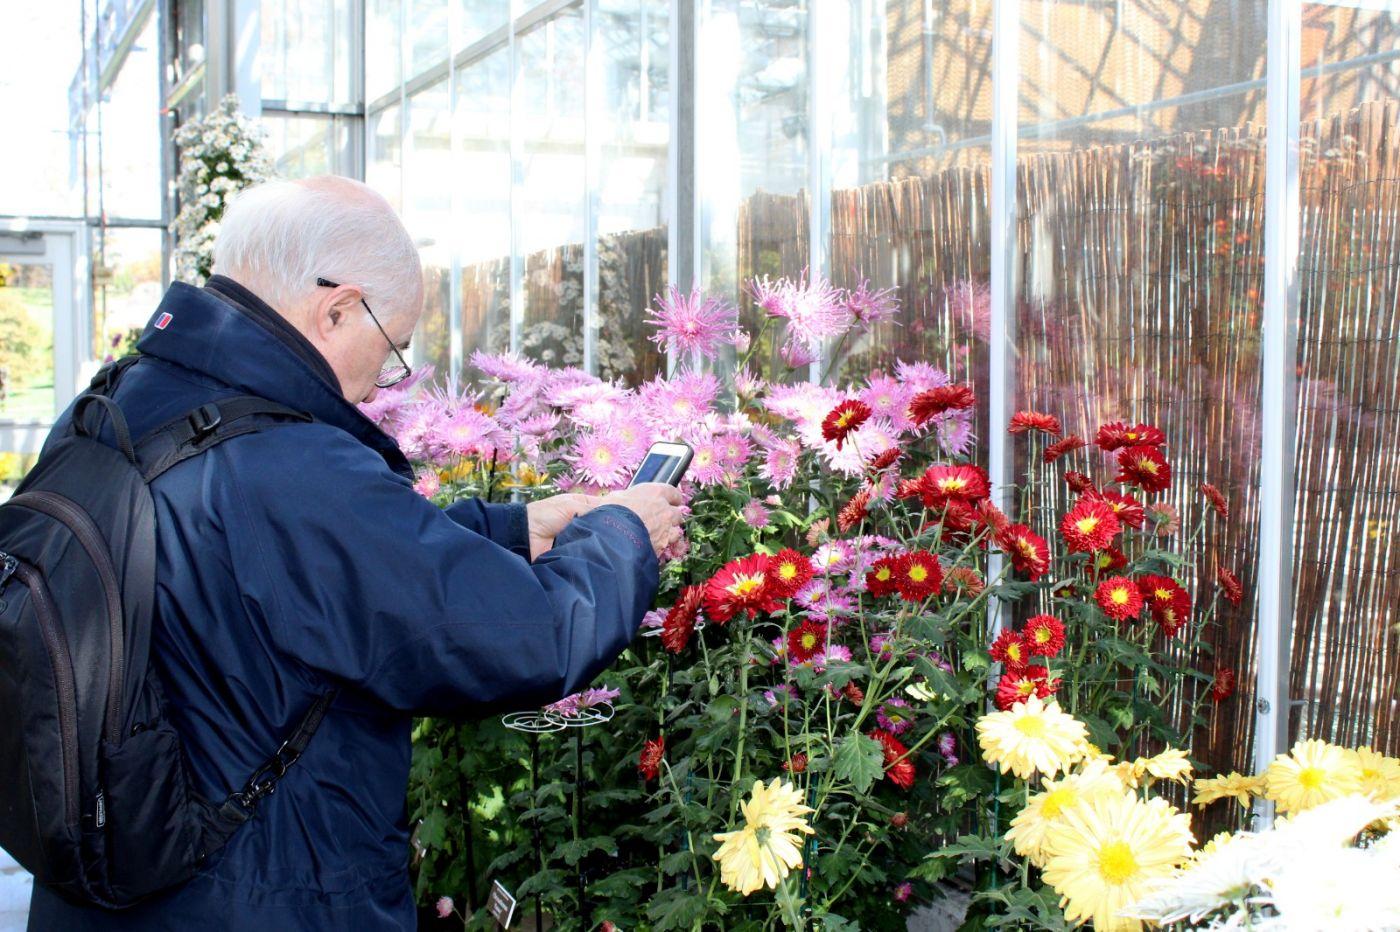 植物园日本菊花展_图1-37